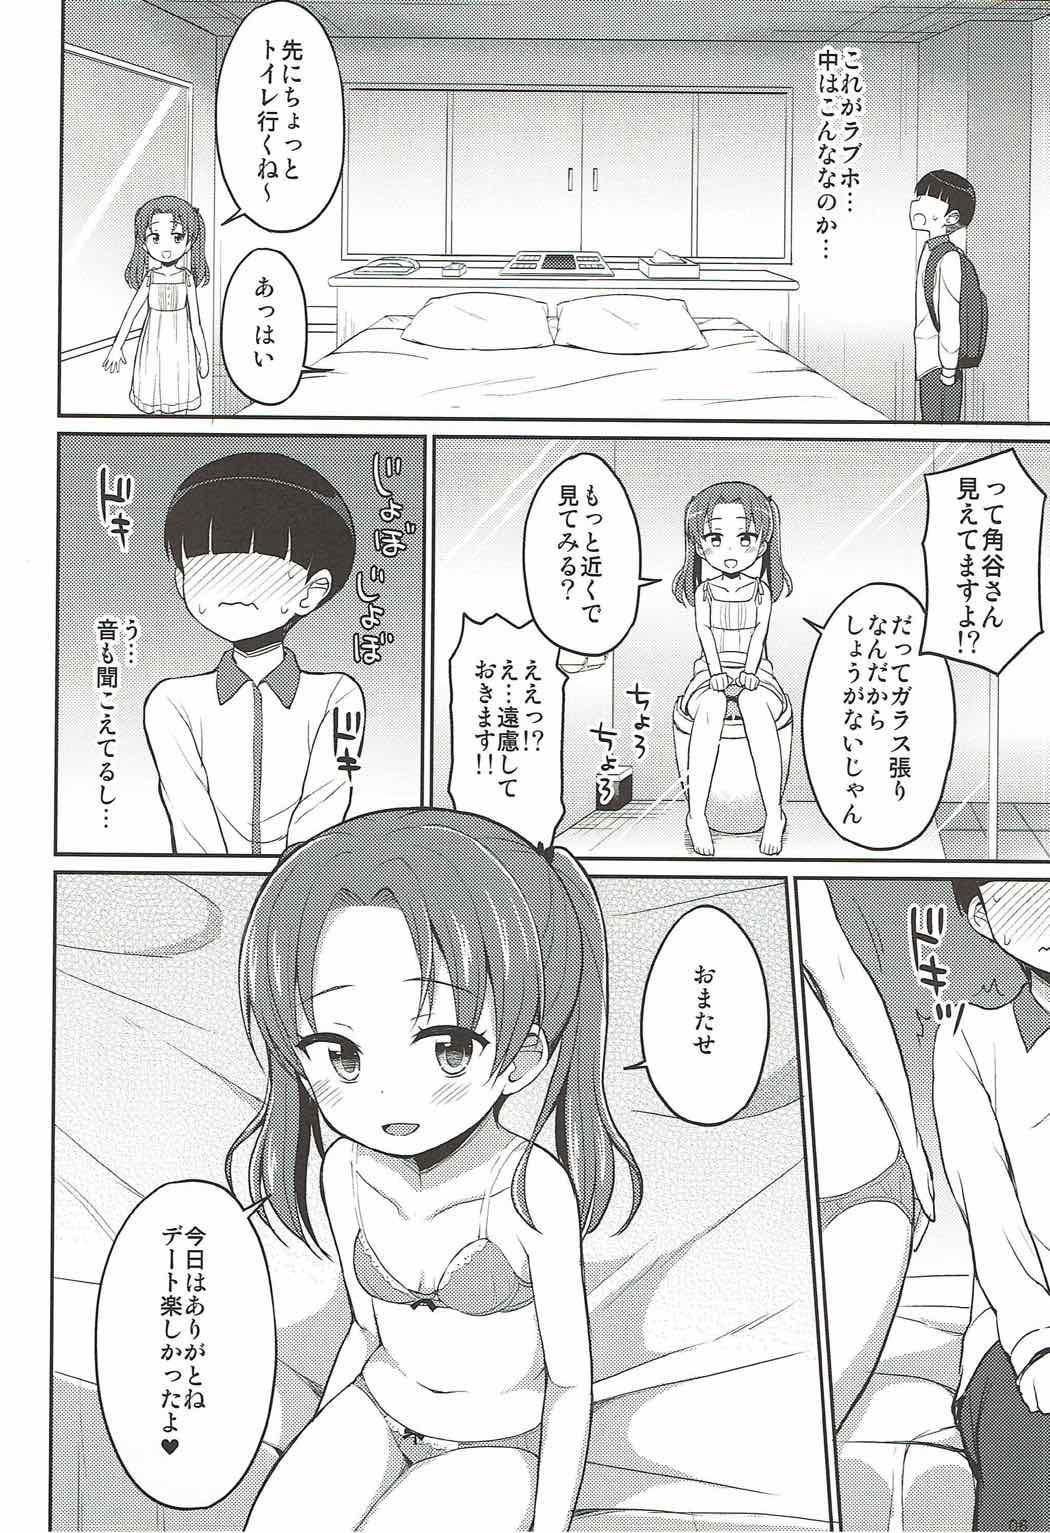 Kadotani Kaichou to Love Hotel ni Iku Hanashi 4